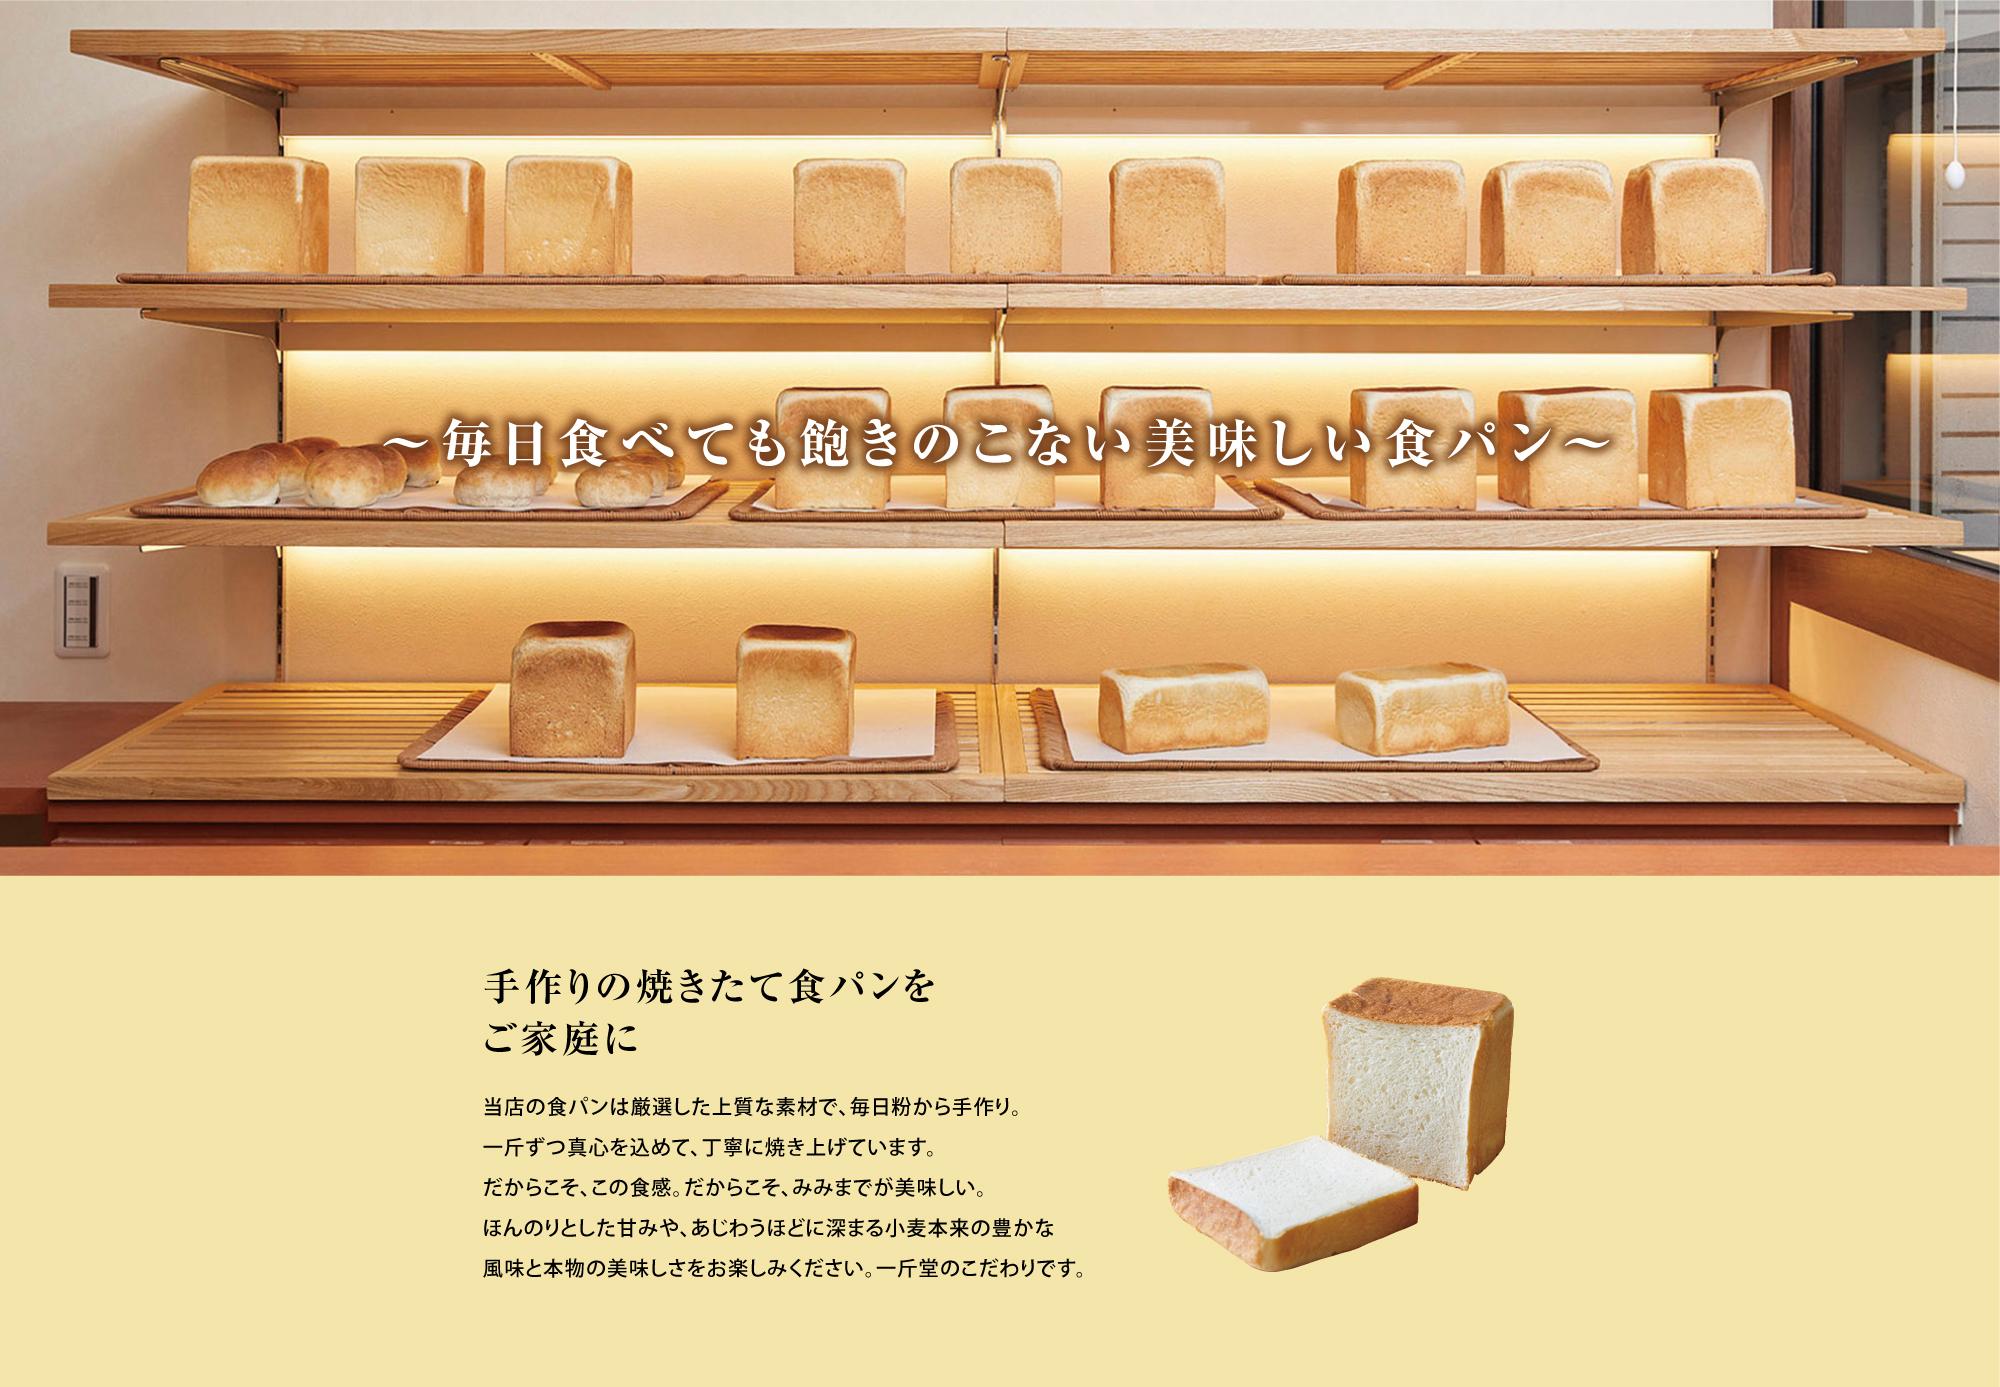 大阪あびこ 焼きたて食パン専門店「一斤堂」